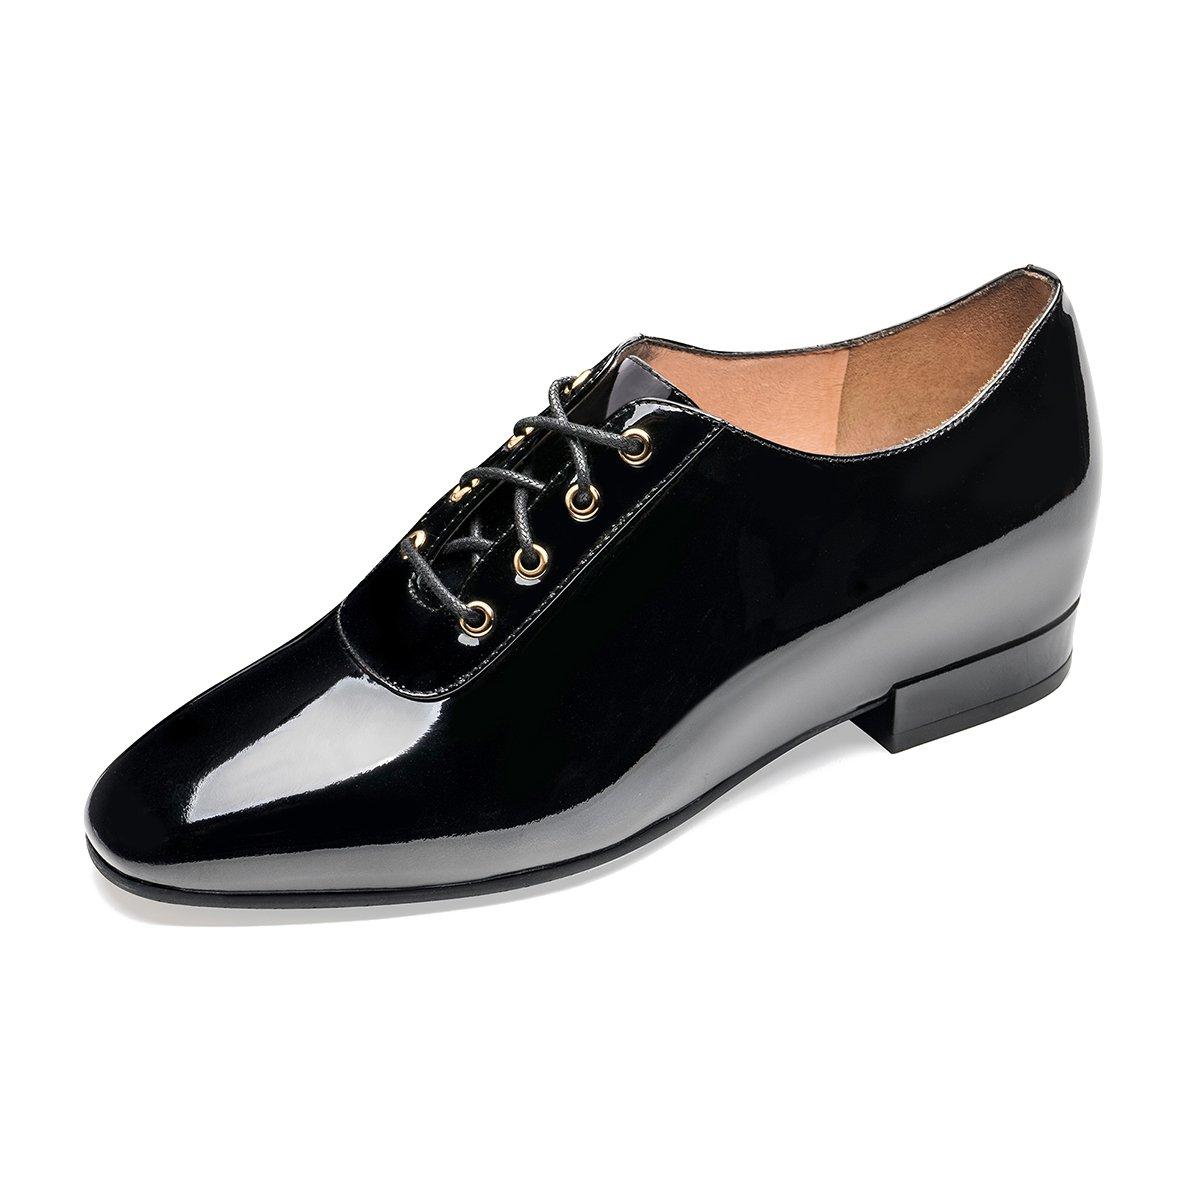 莱尔斯丹莱尔斯丹 新款英伦风方头系带平跟内增高女单鞋9T48501LS    9T48501 BKP